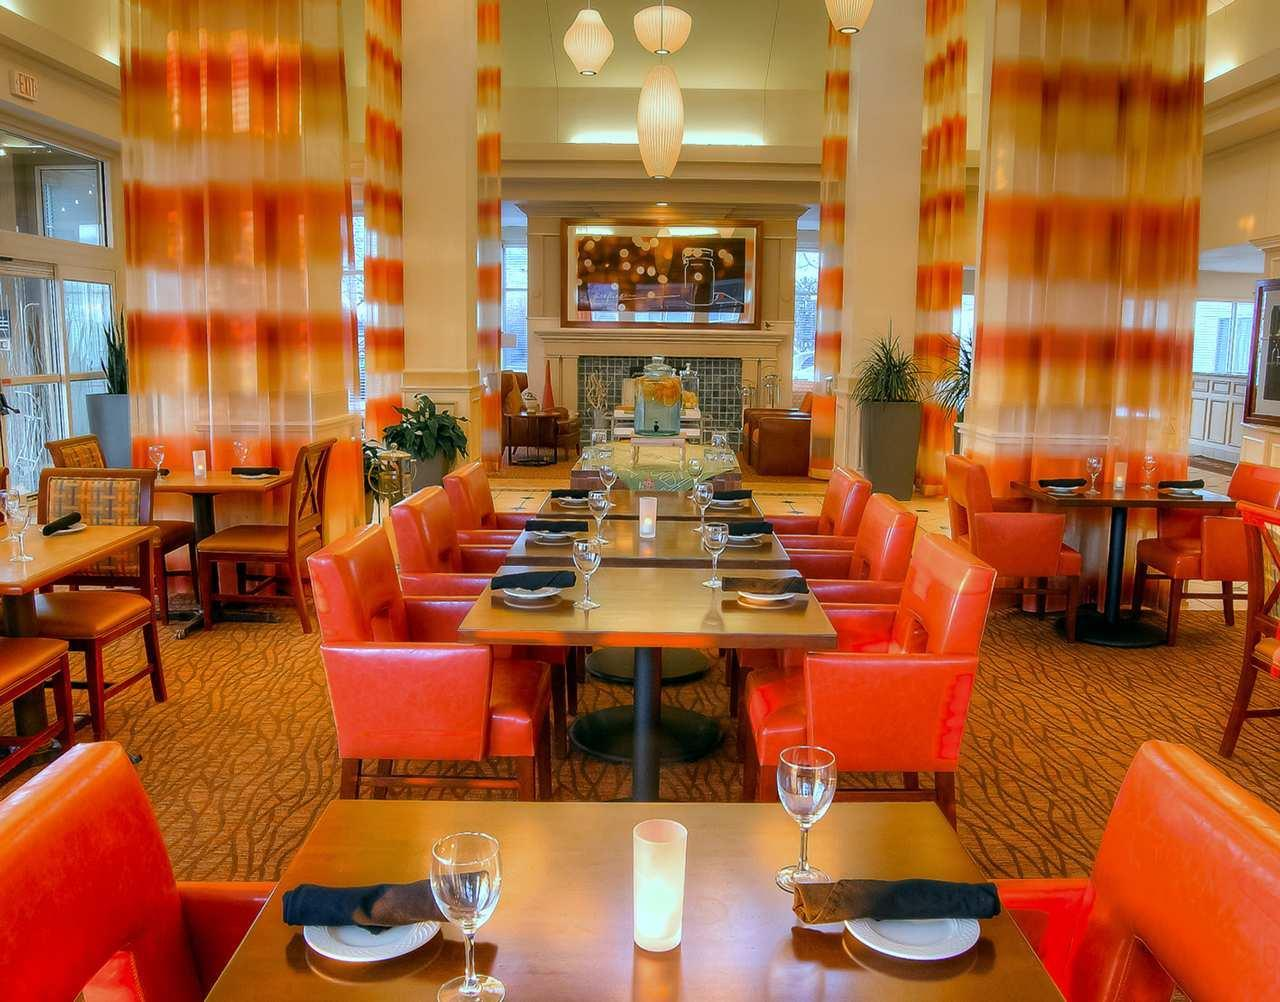 Hilton Garden Inn Oshkosh 1355 West 20th Avenue Oshkosh, WI Hotels ...